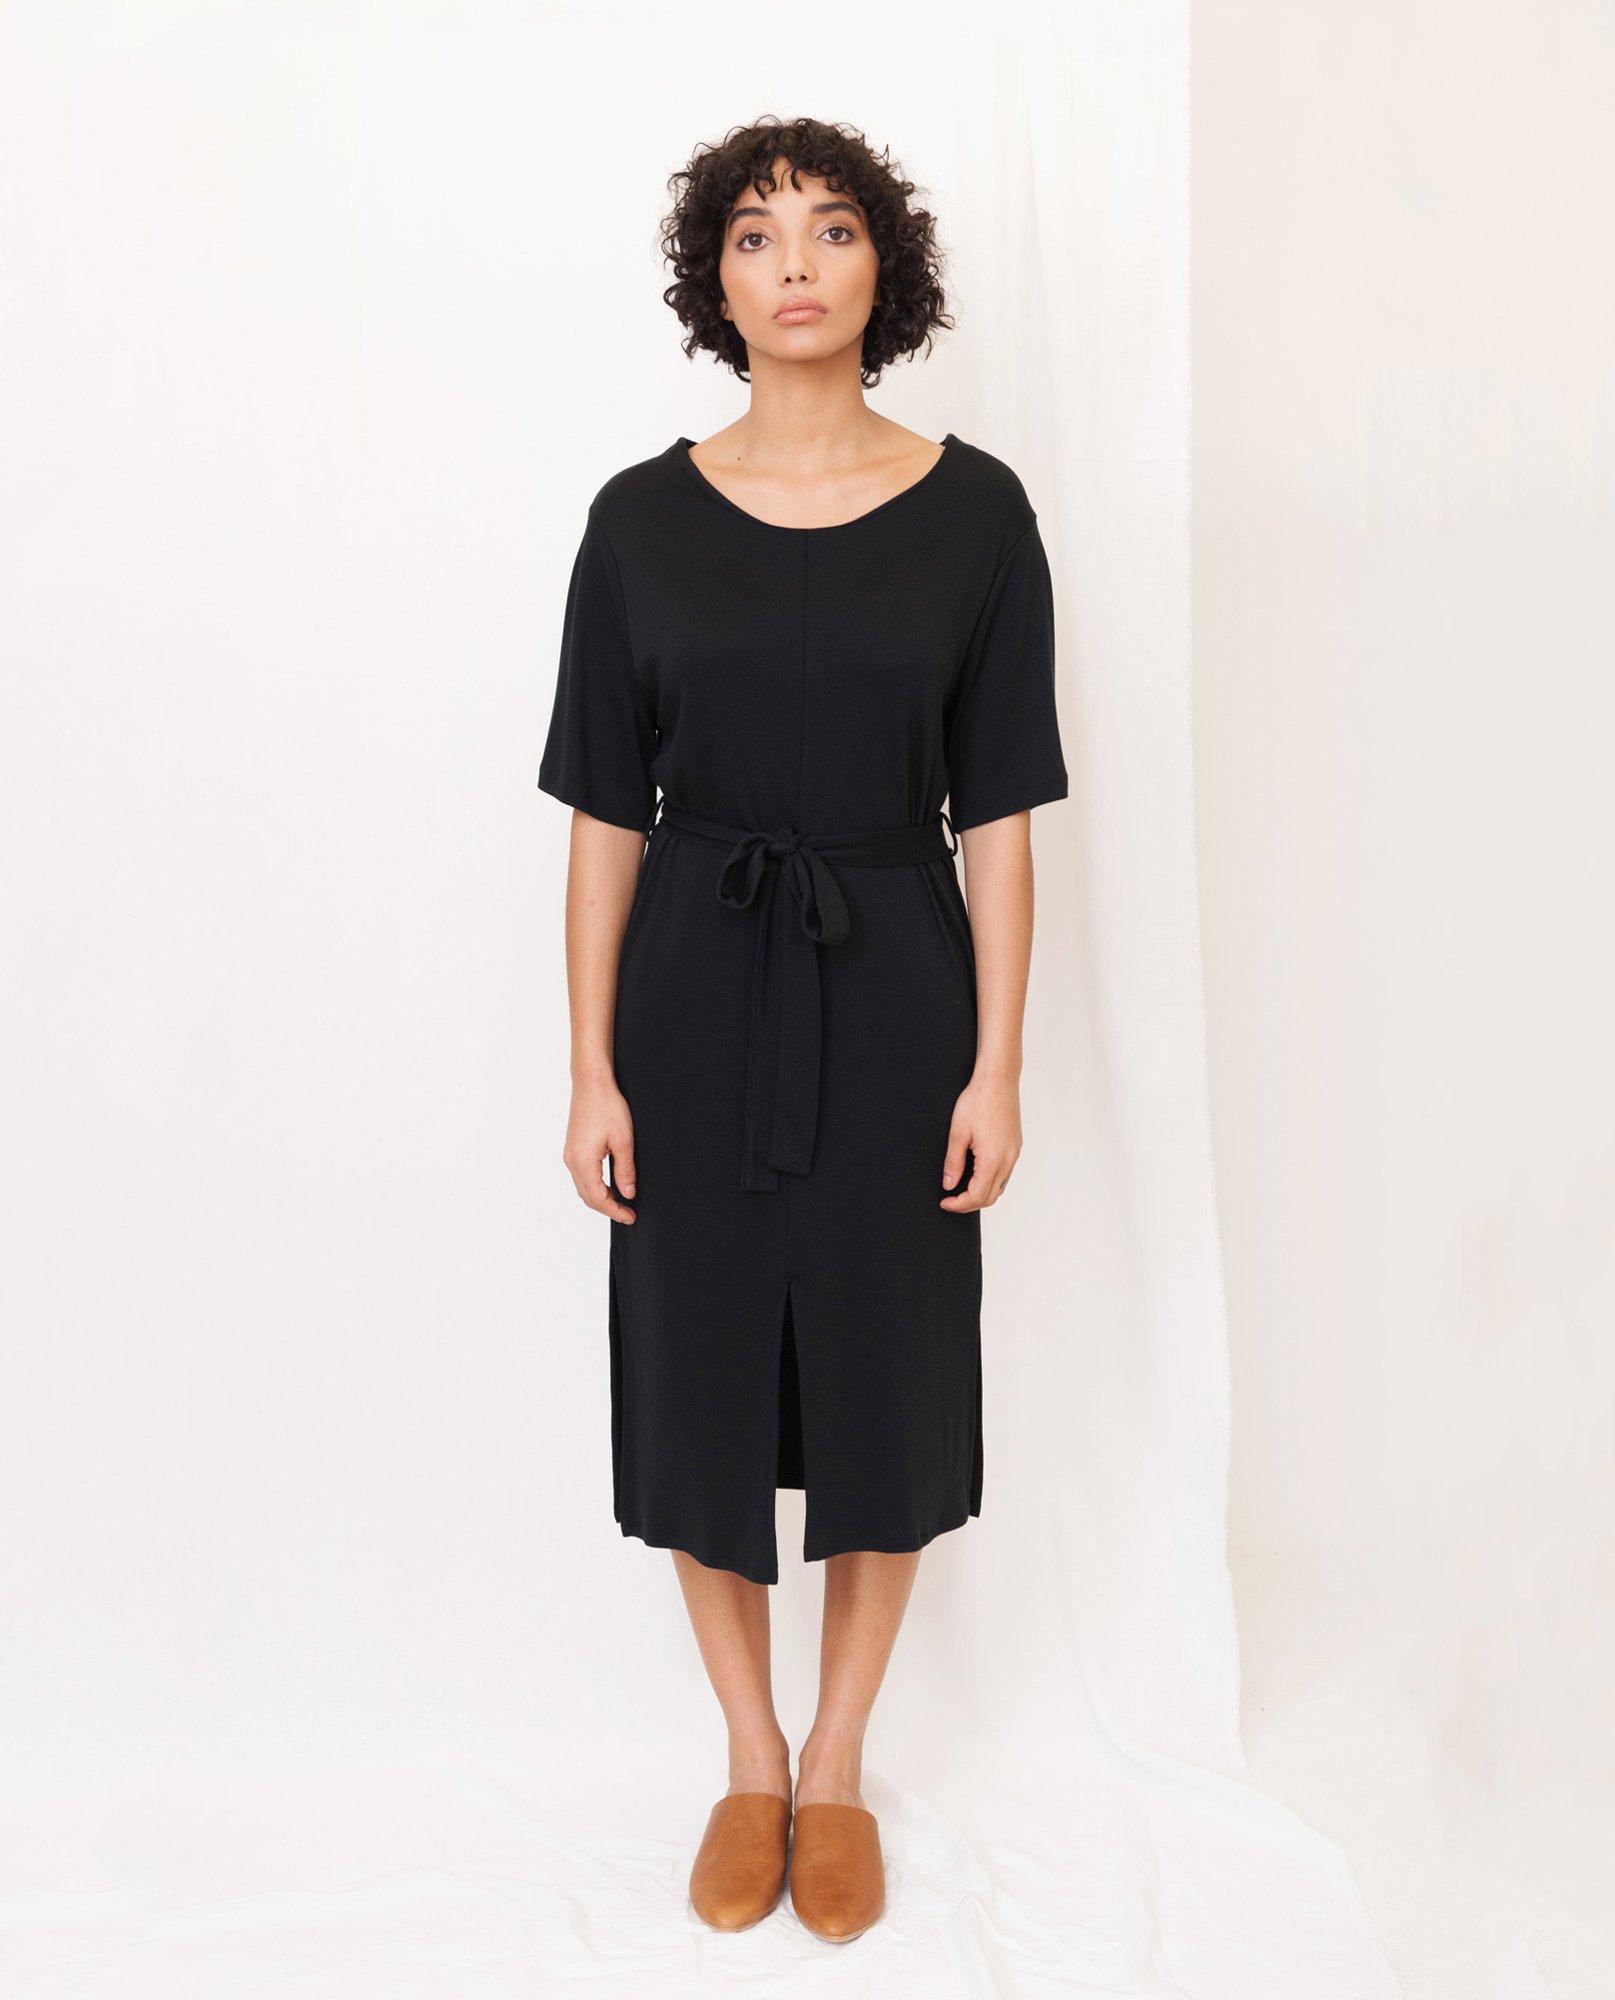 JULIET Lyocell Jersey Dress from Beaumont Organic